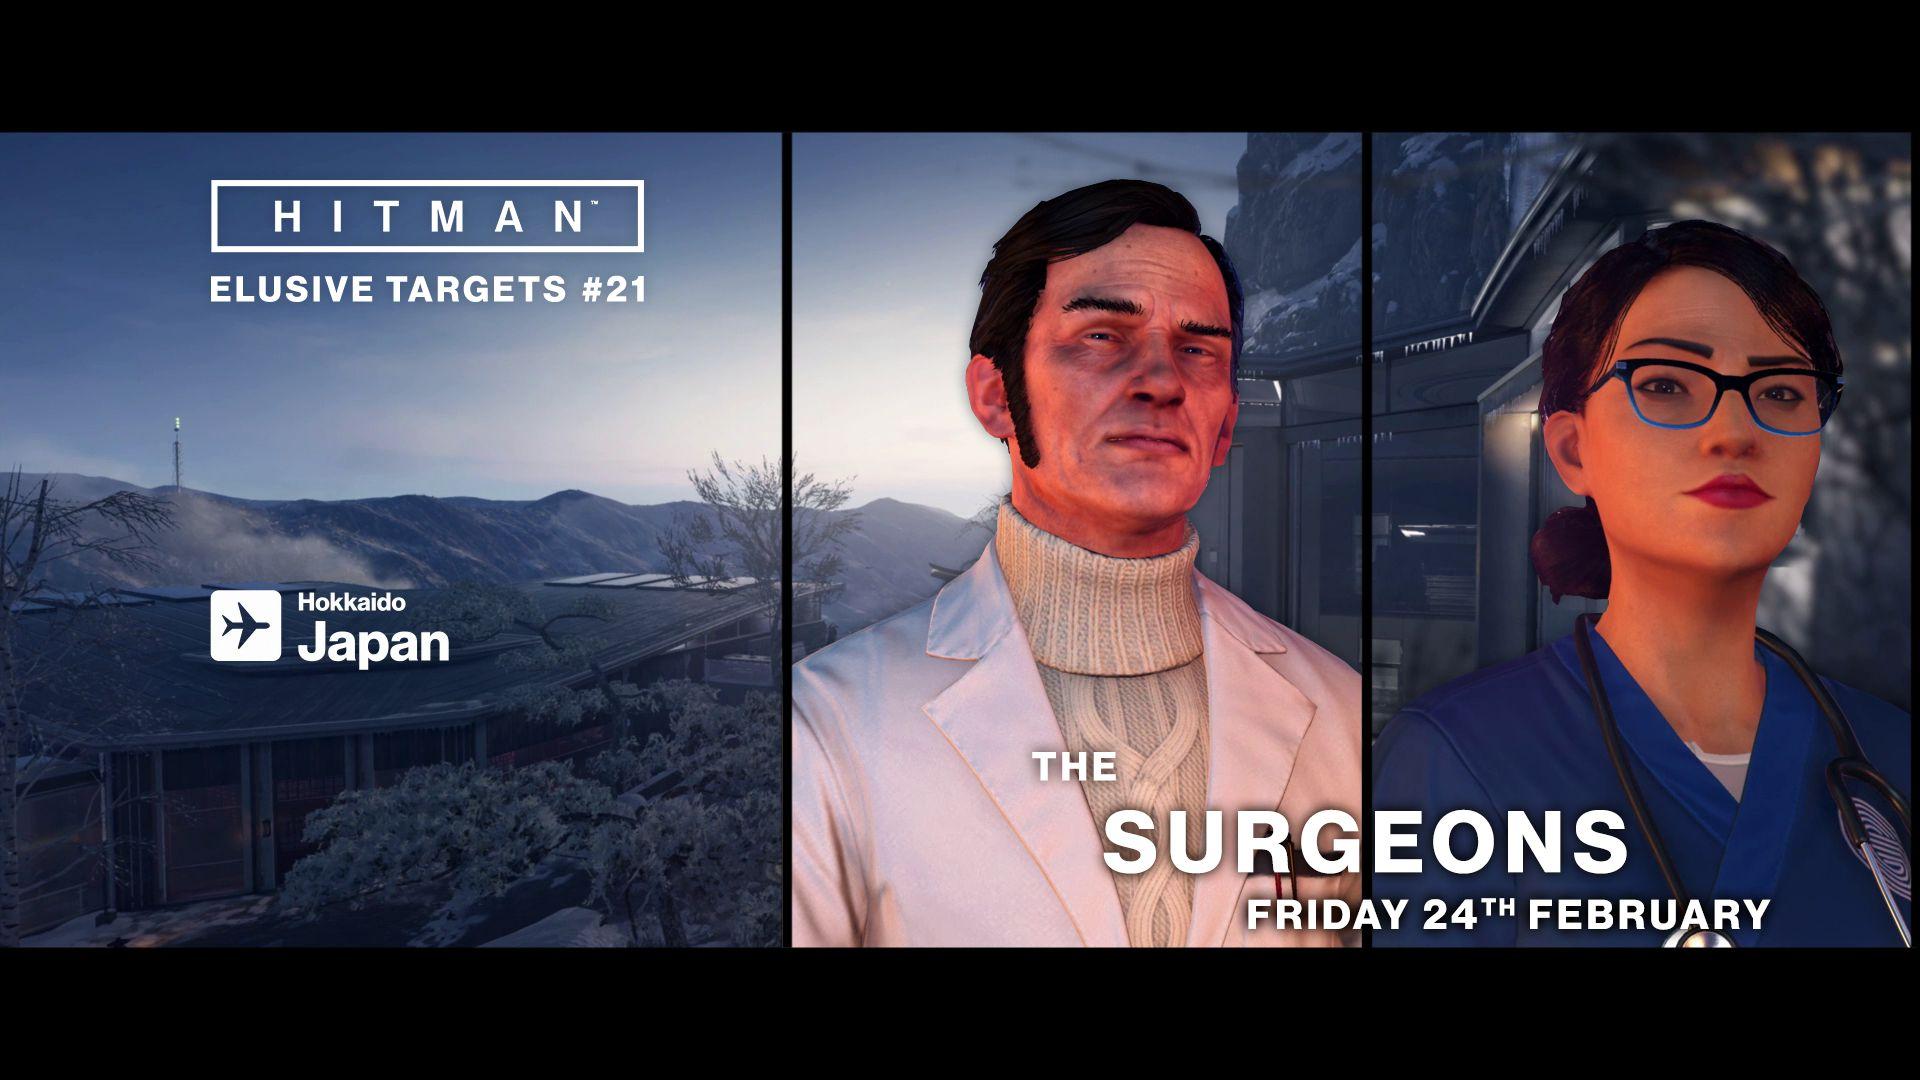 HITMAN---Elusive-Targets---The_Surgeons_thumbnail_1920x1080